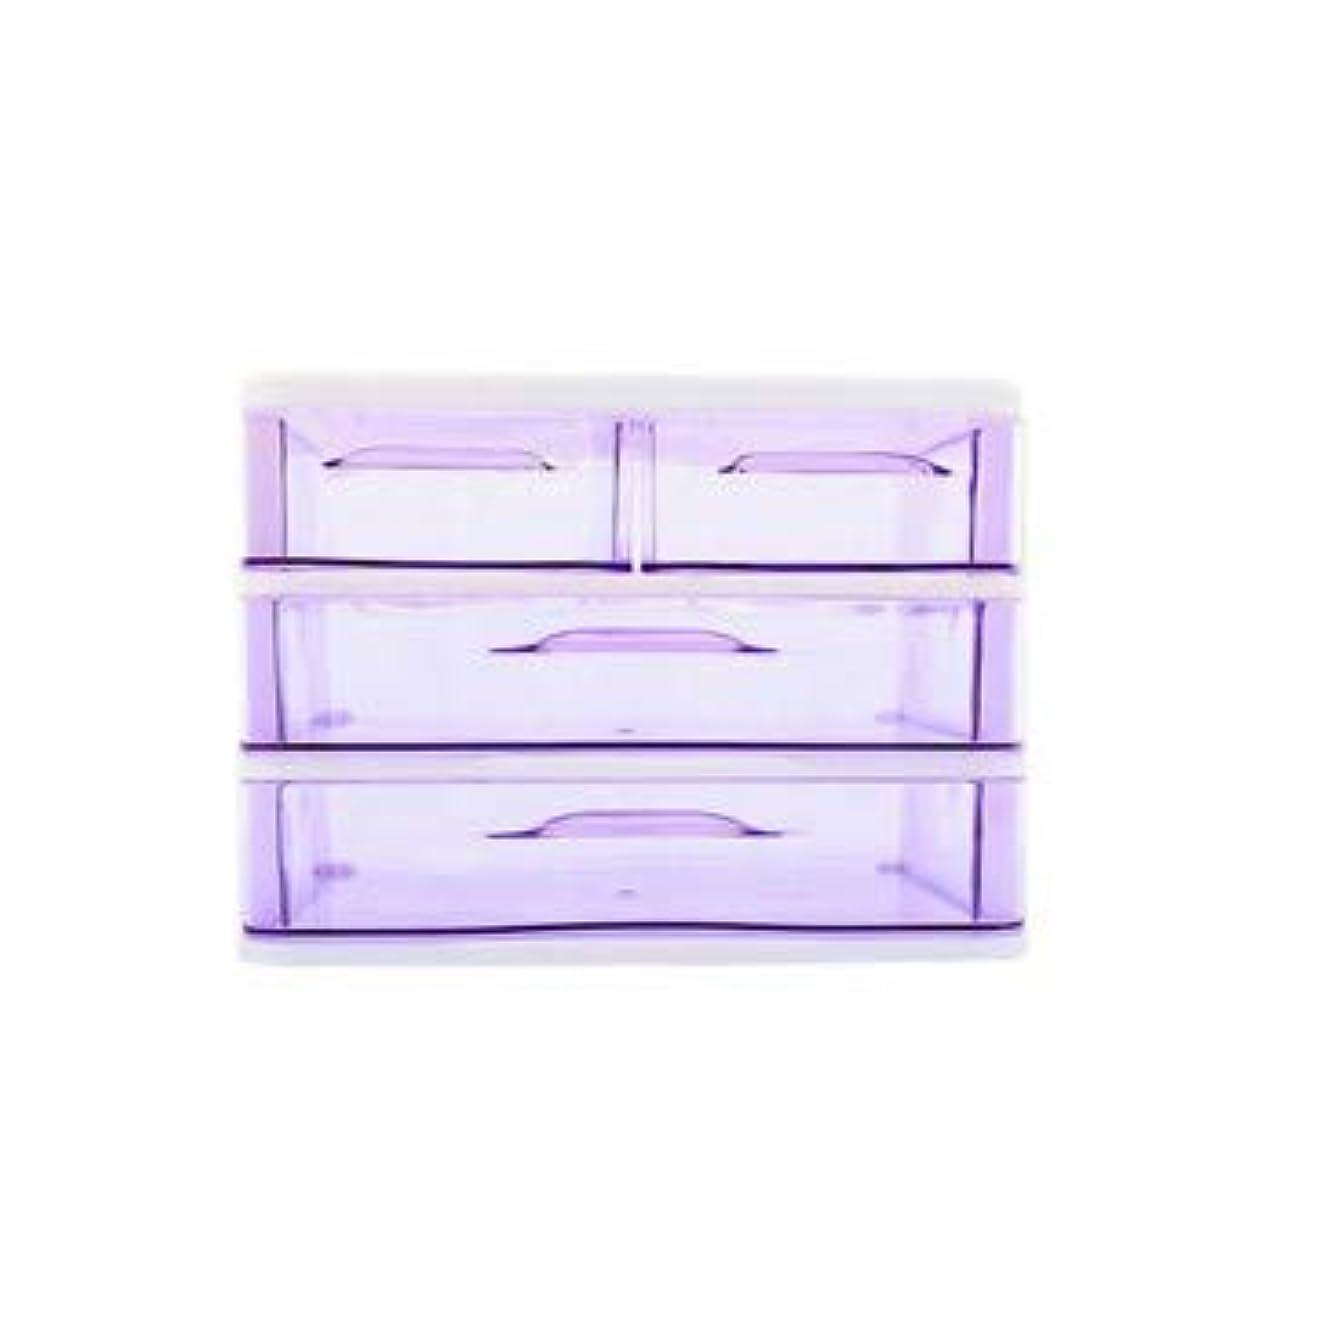 ダイエットモチーフ貯水池クリエイティブ収納ボックス三層プラスチック化粧品収納ボックスデスクトップ引き出し型仕上げボックス収納ボックス化粧箱 (Color : Purple)